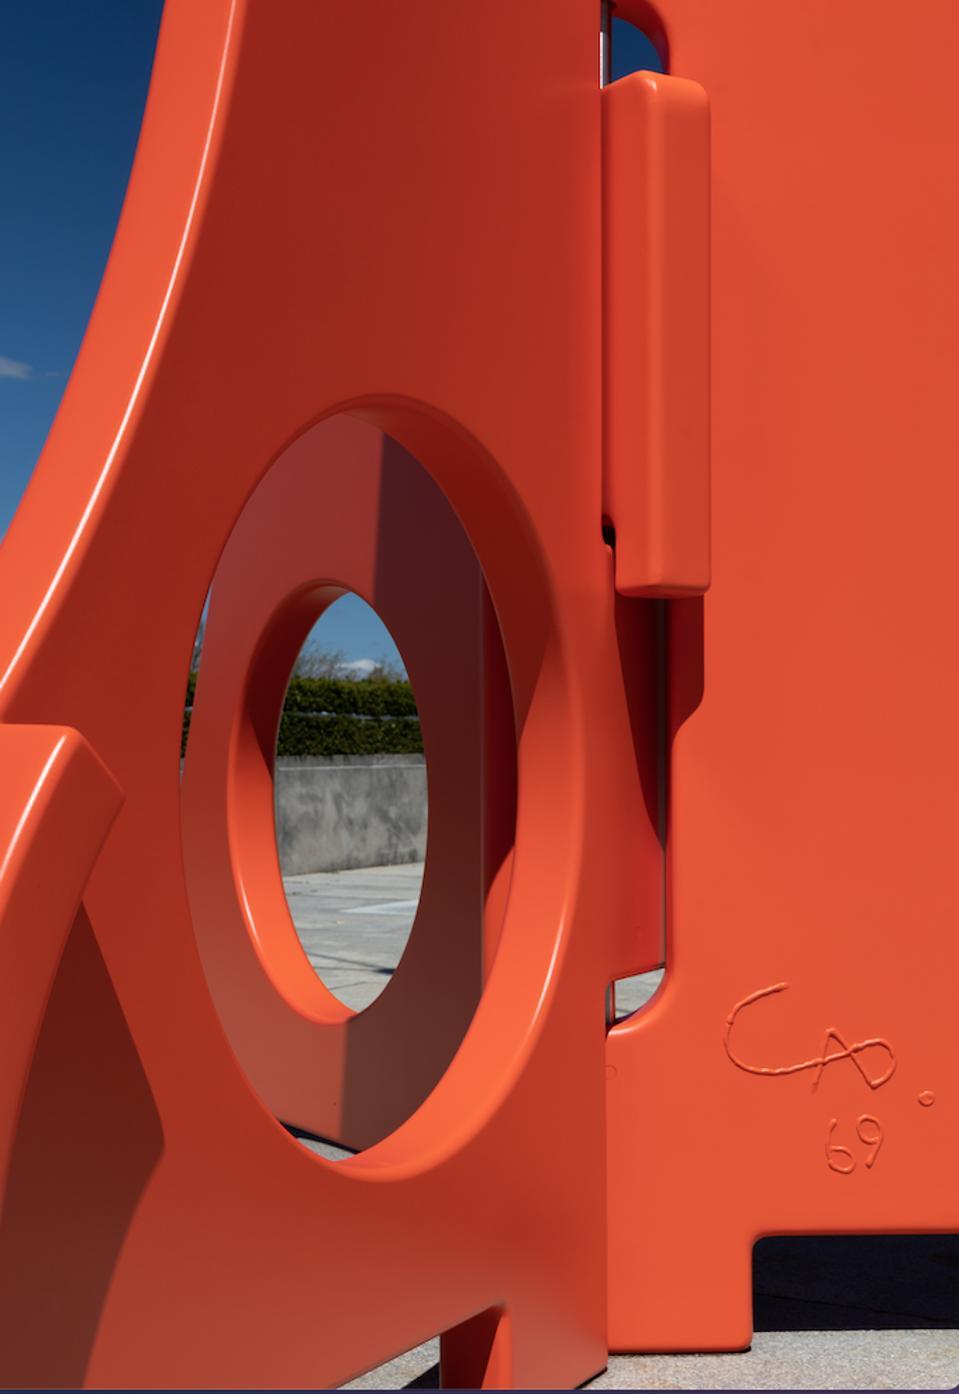 Calderesque signature on the installation